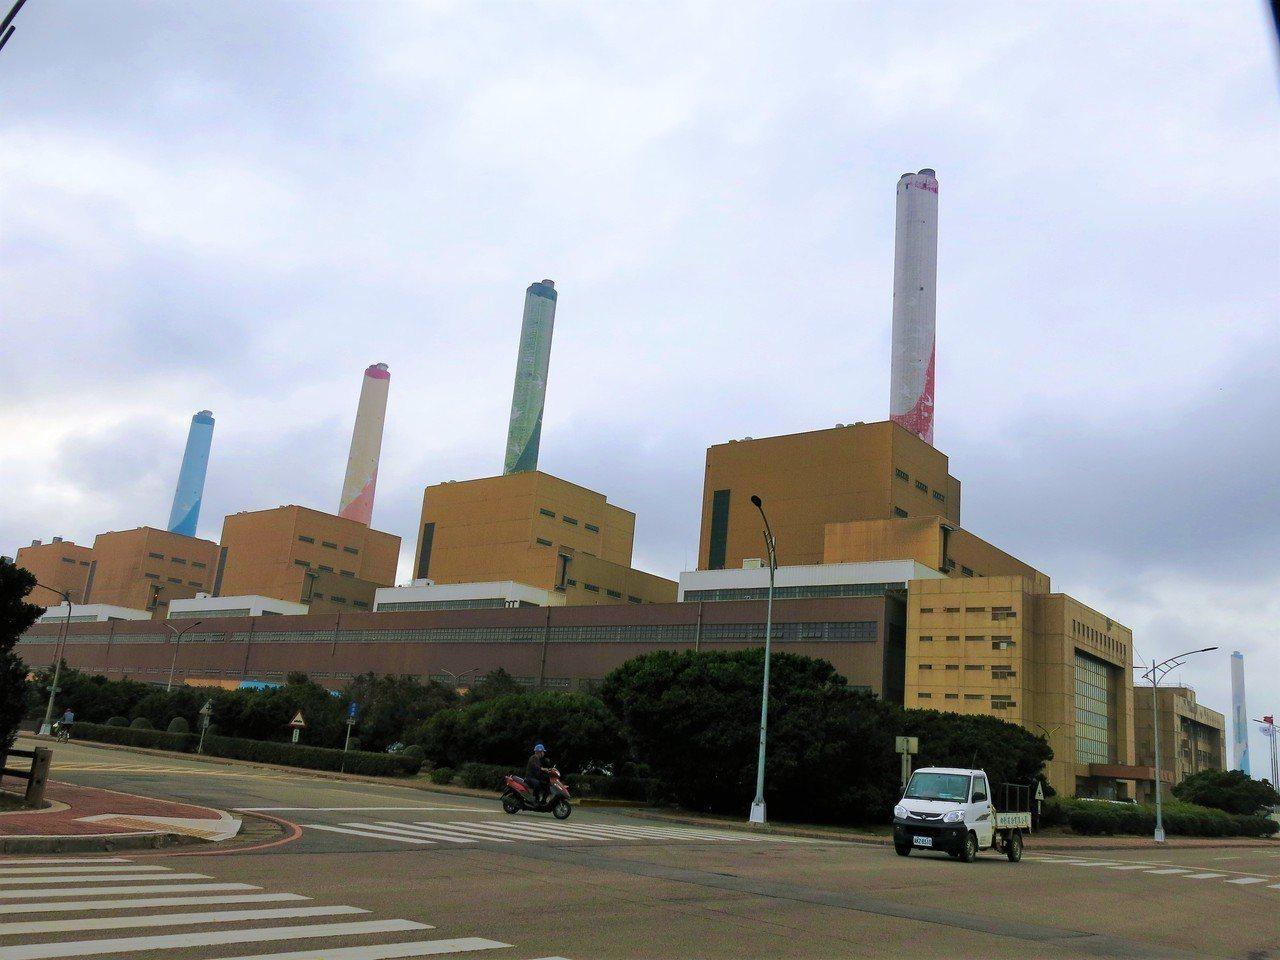 台中火力發電廠長年燃煤致中部地區空污,引發地方政府不滿,將於月底正式提告公共危險...